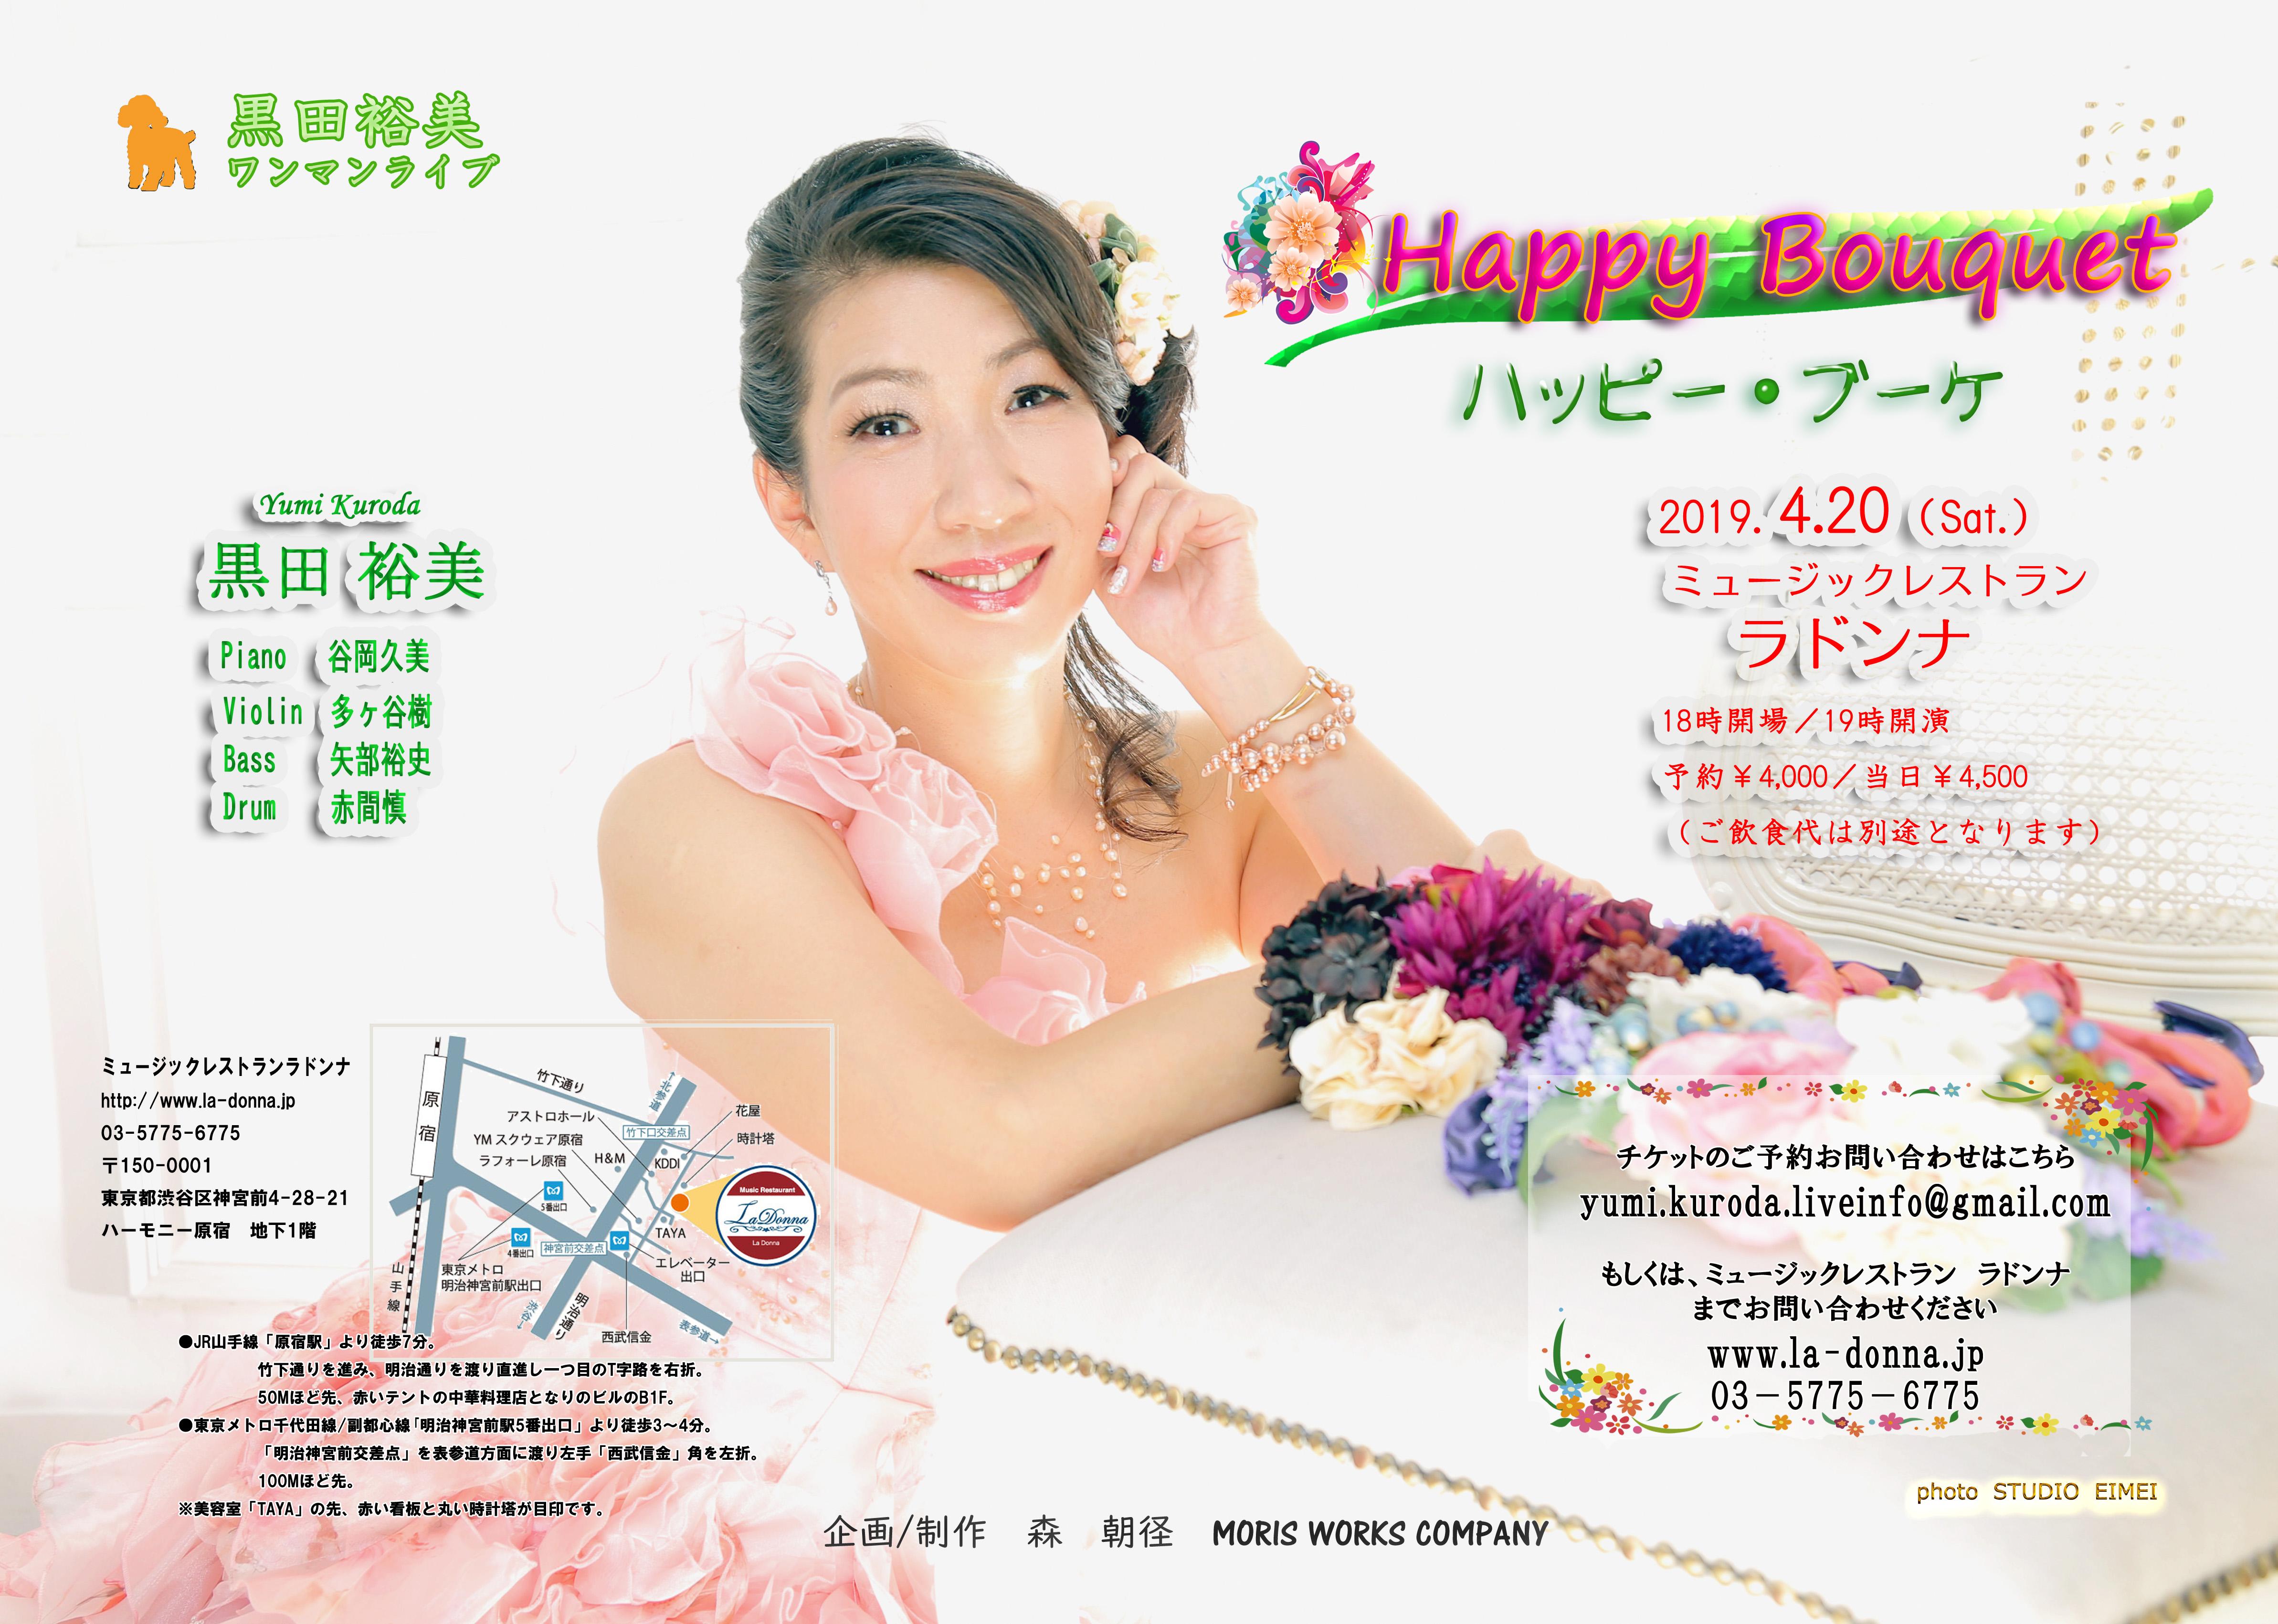 黒田裕美 ワンマンライブ ~ Happy Bouquet ~